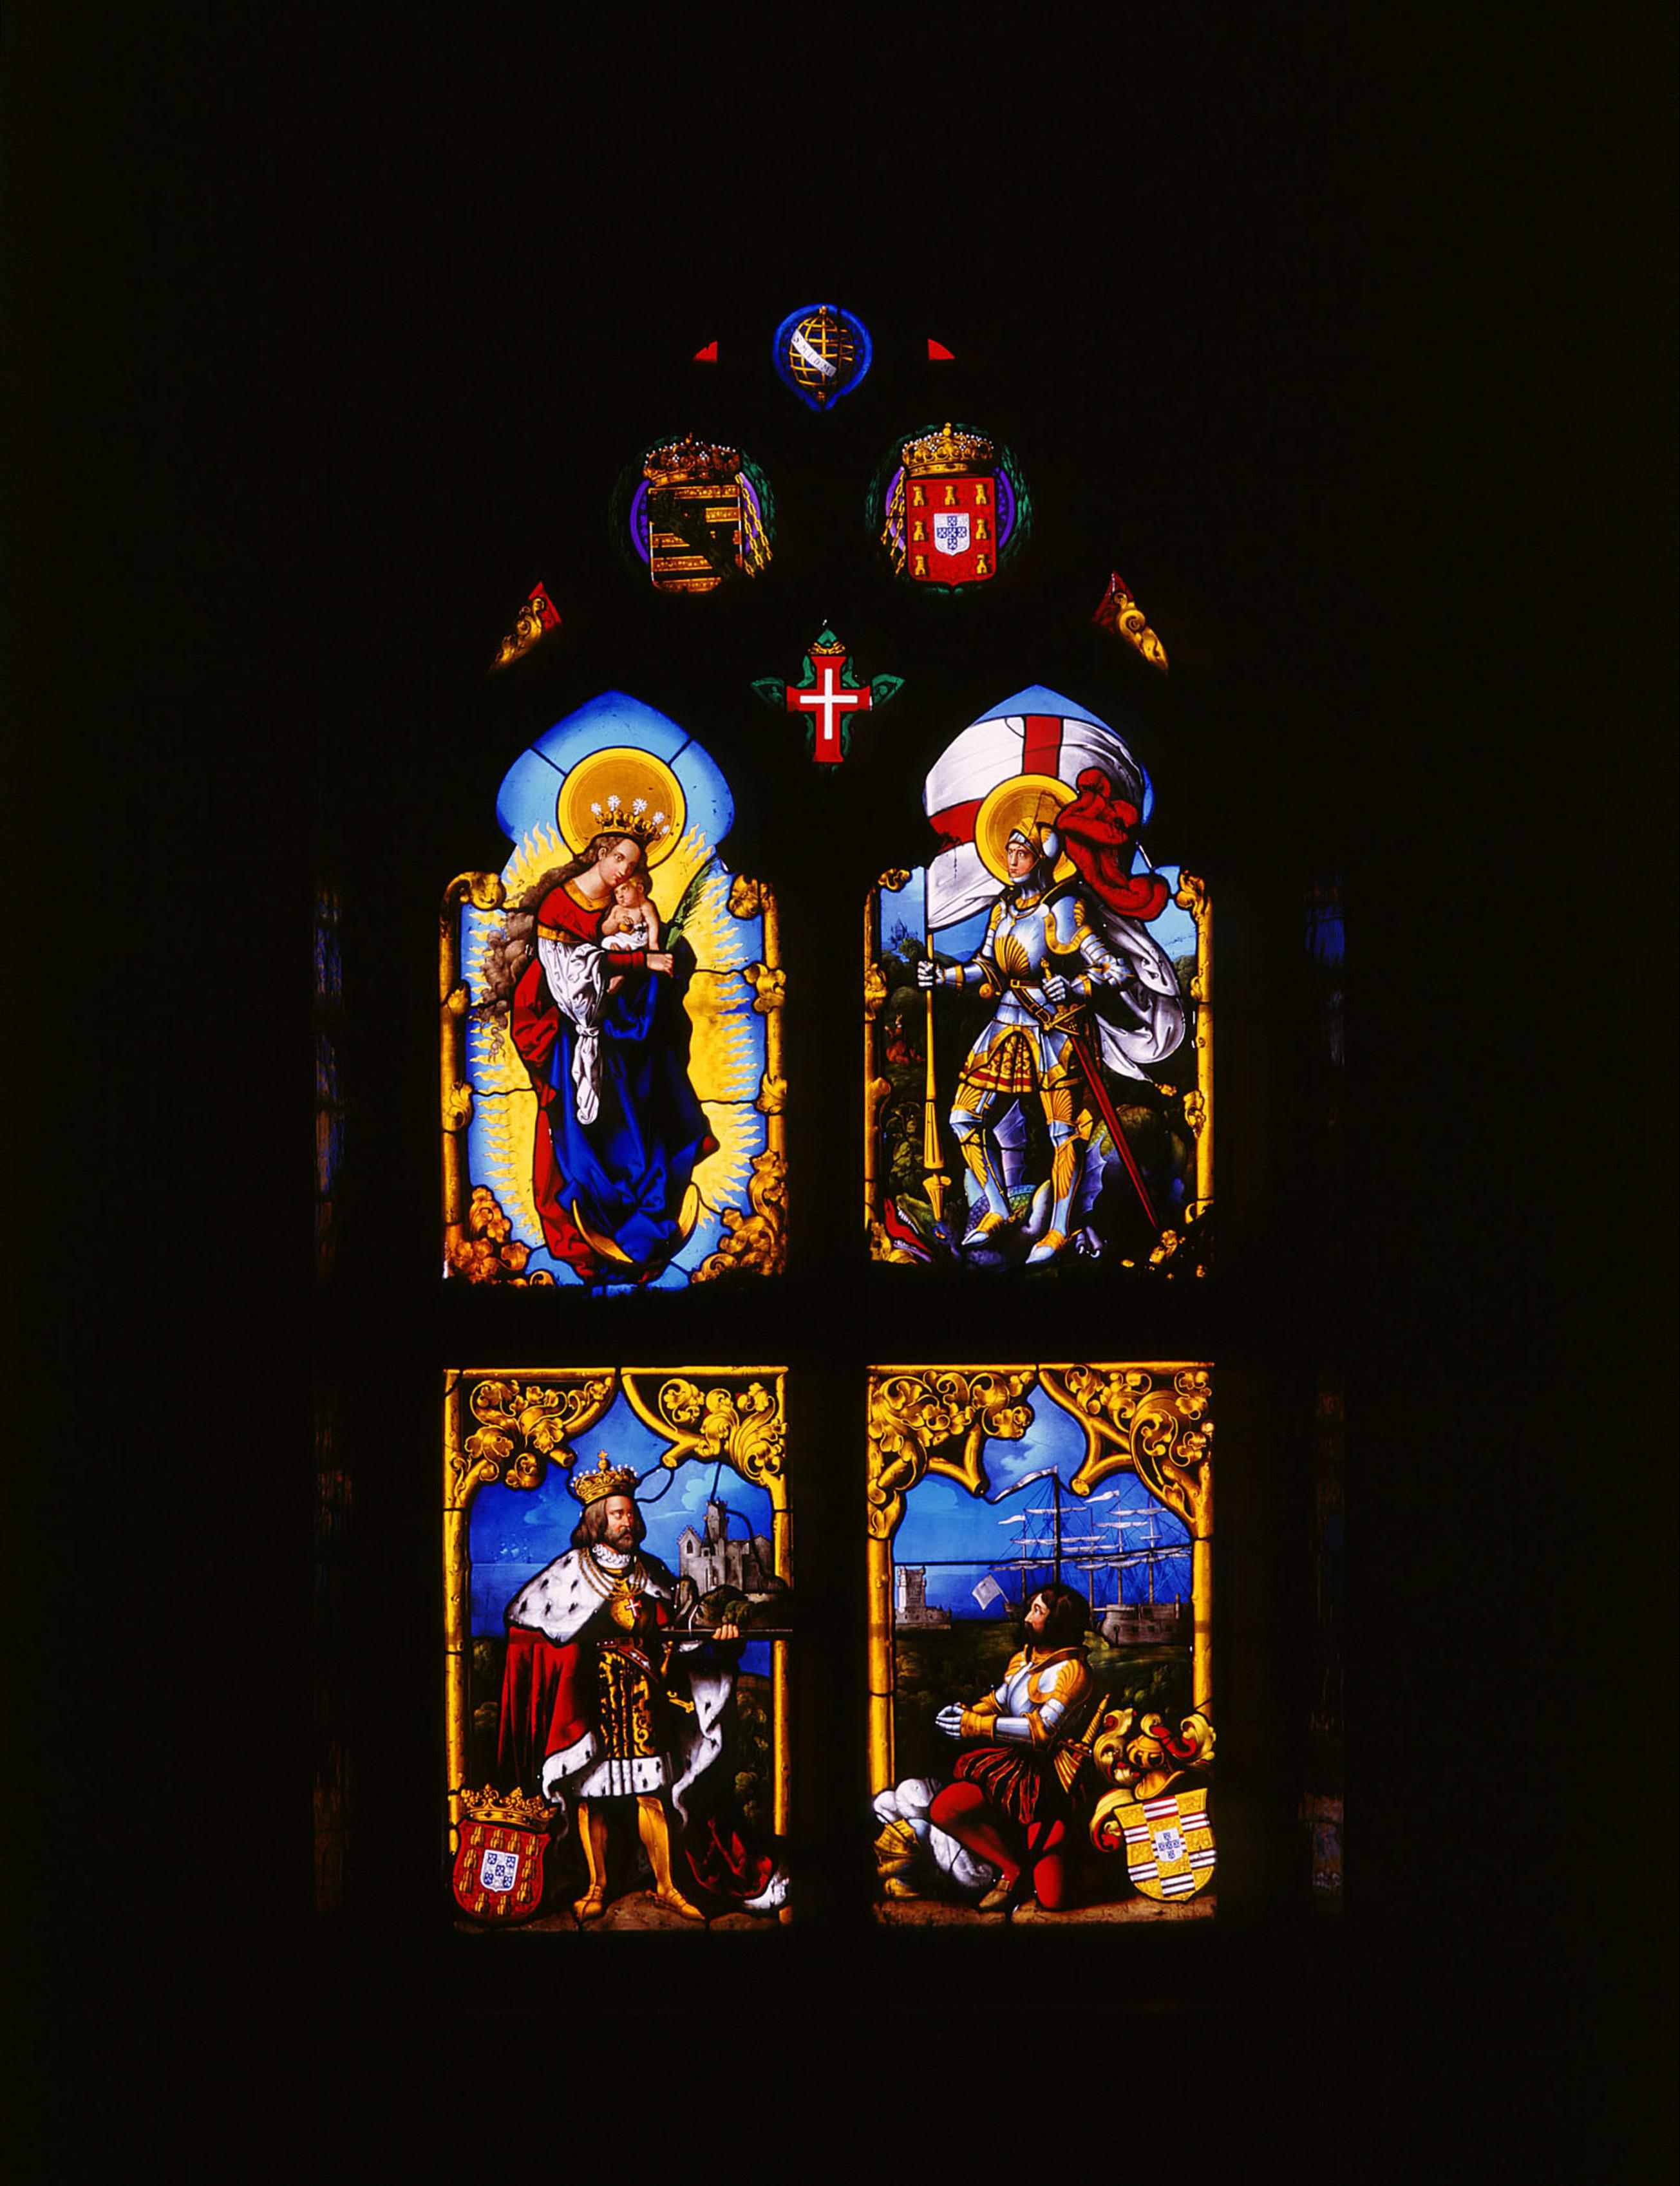 Vitrais da Capela do Palácio da Pena